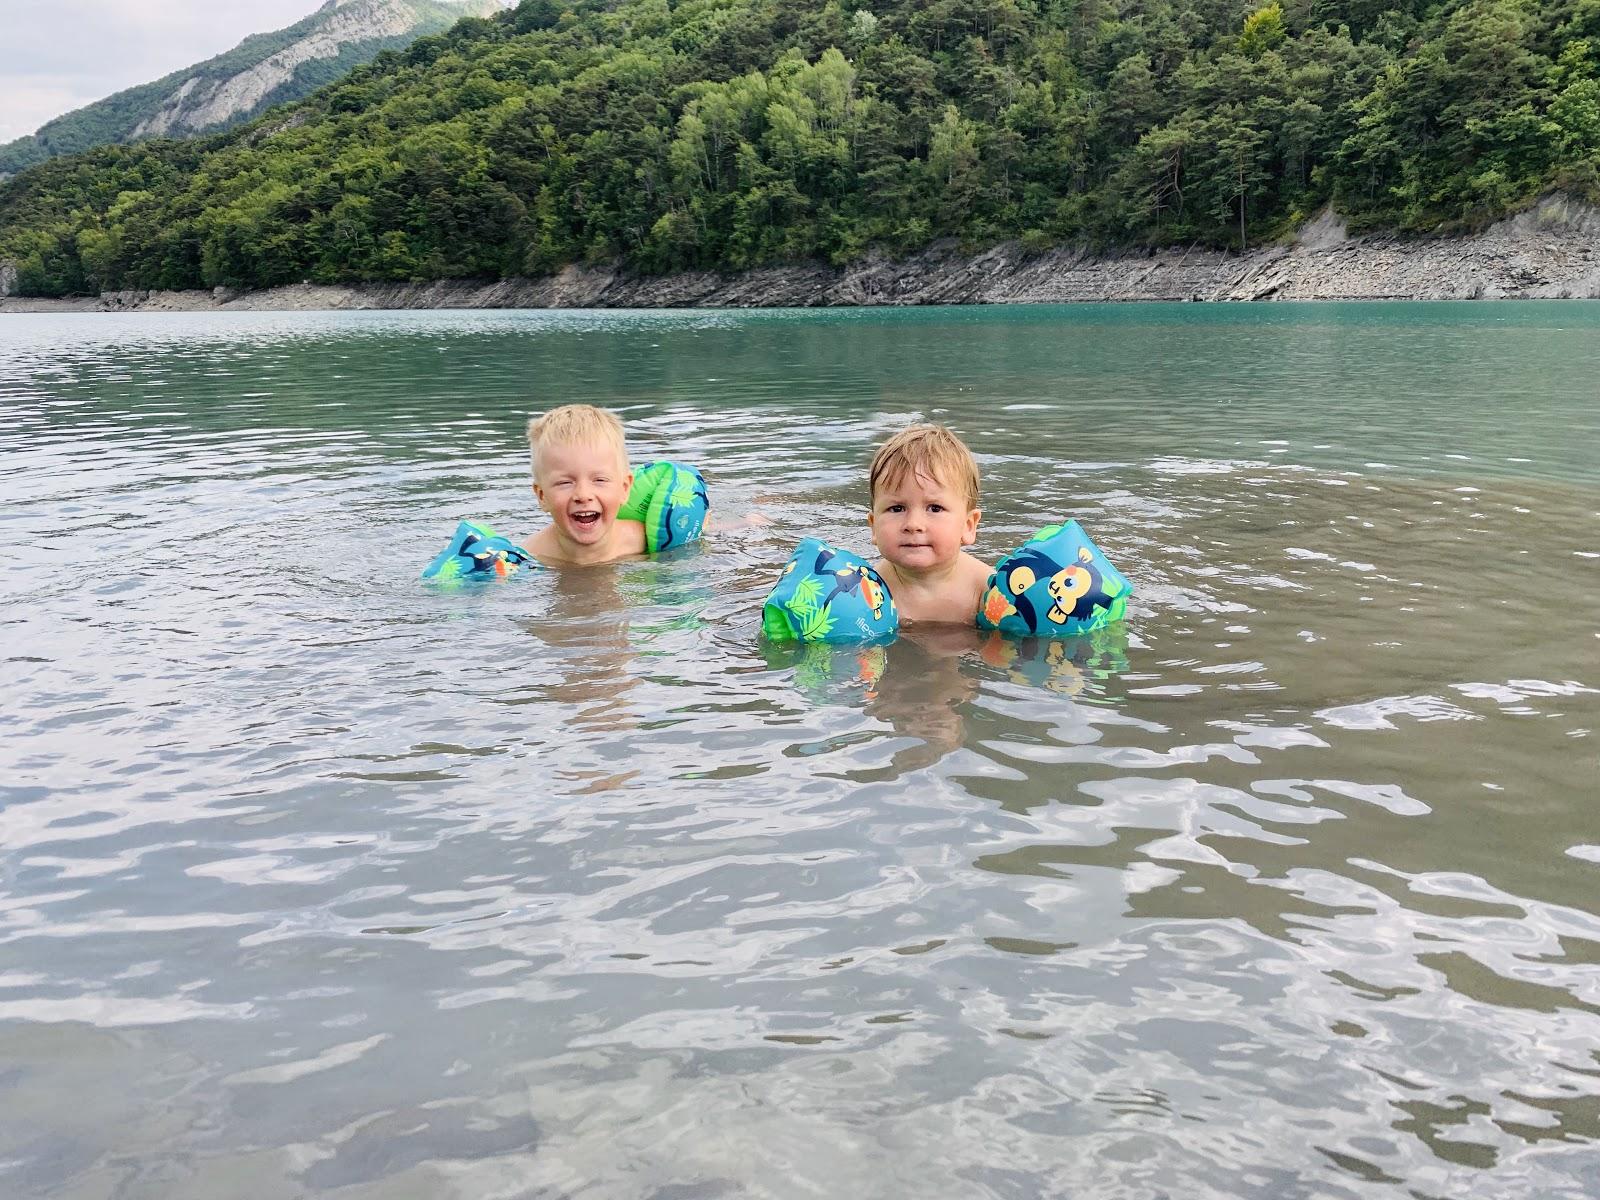 Kinder im Wasser mit Schwimmflügeln